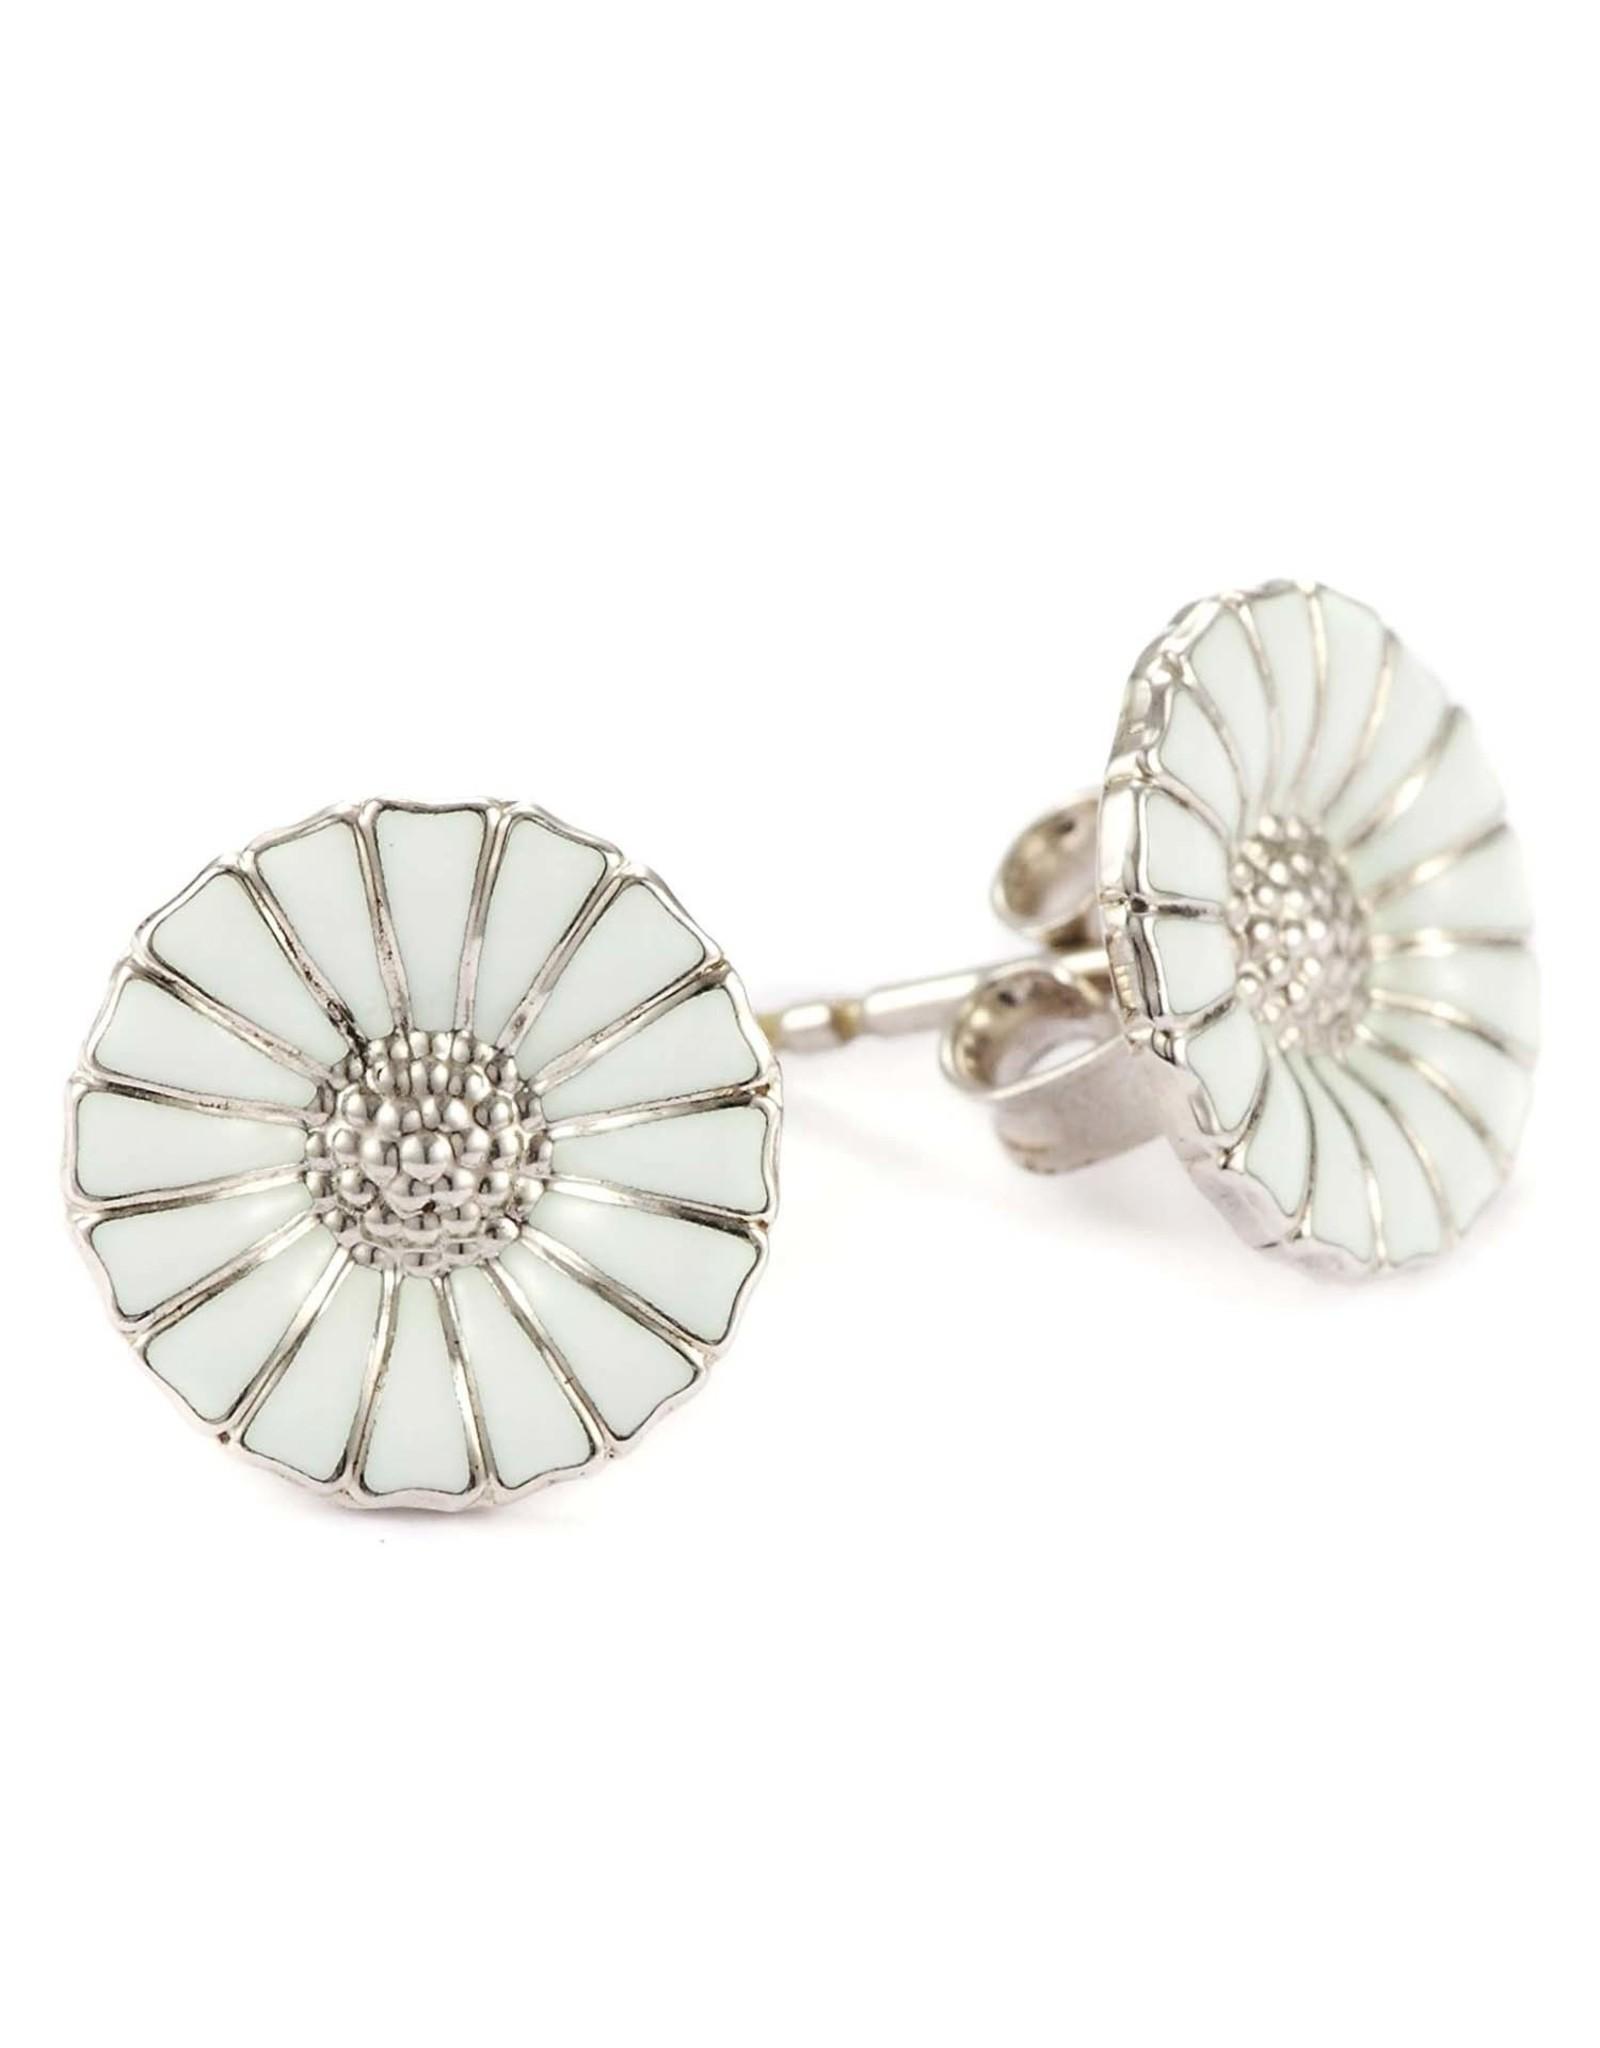 Georg Jensen Daisy Earrings, Silver 11mm